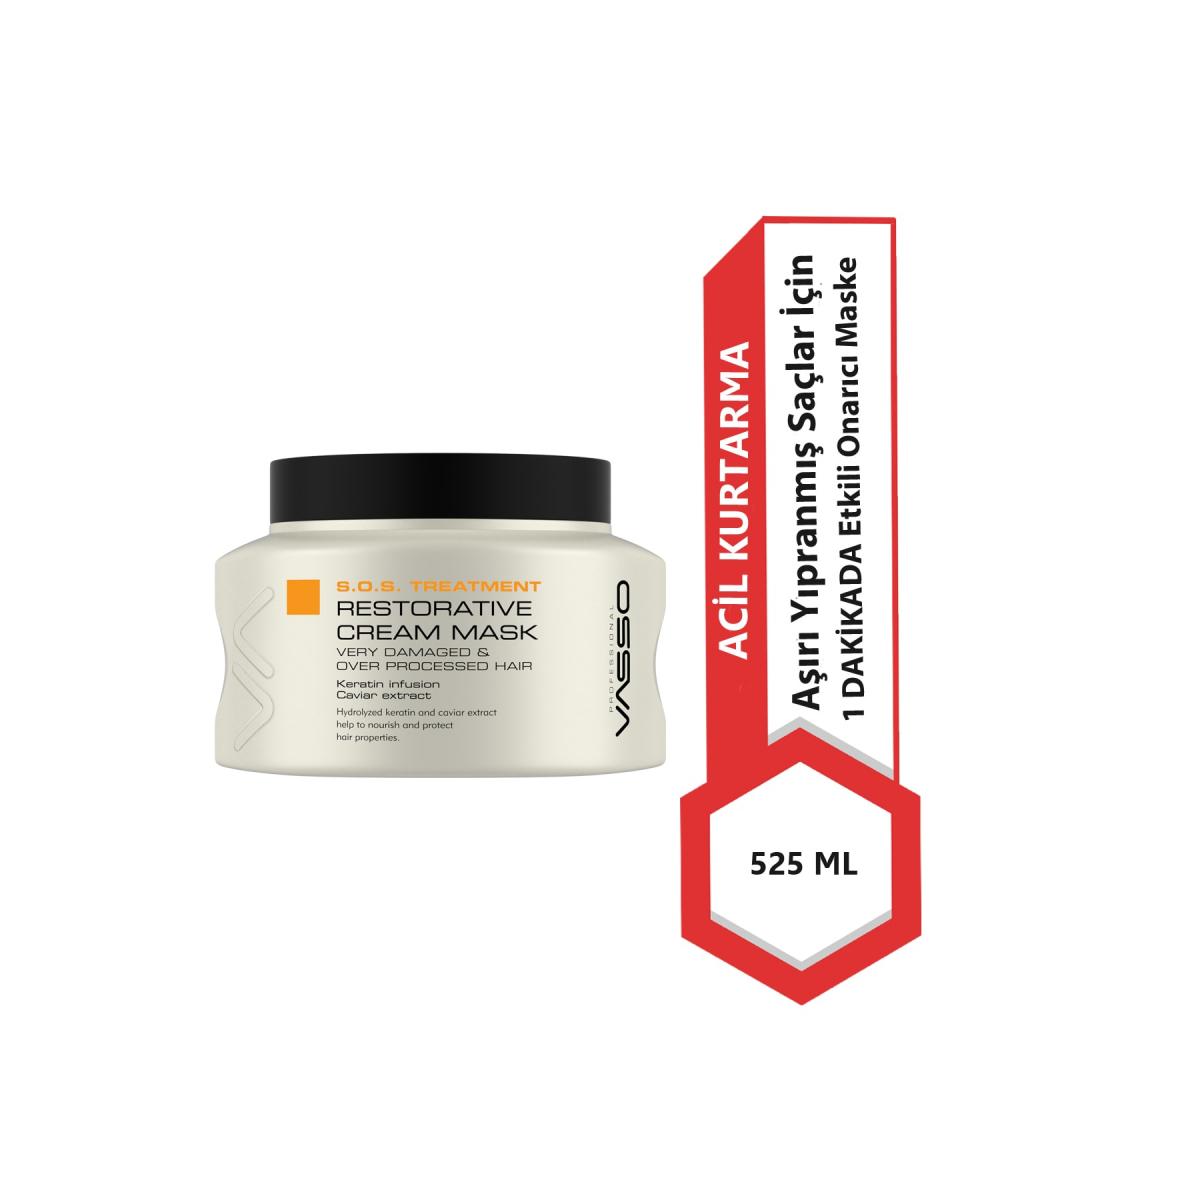 VASSO WOMEN Vasso Yıpranmış Saçlar Için Acil Kurtarma Maske - S.o.s Treatment Restorative Cream Mask